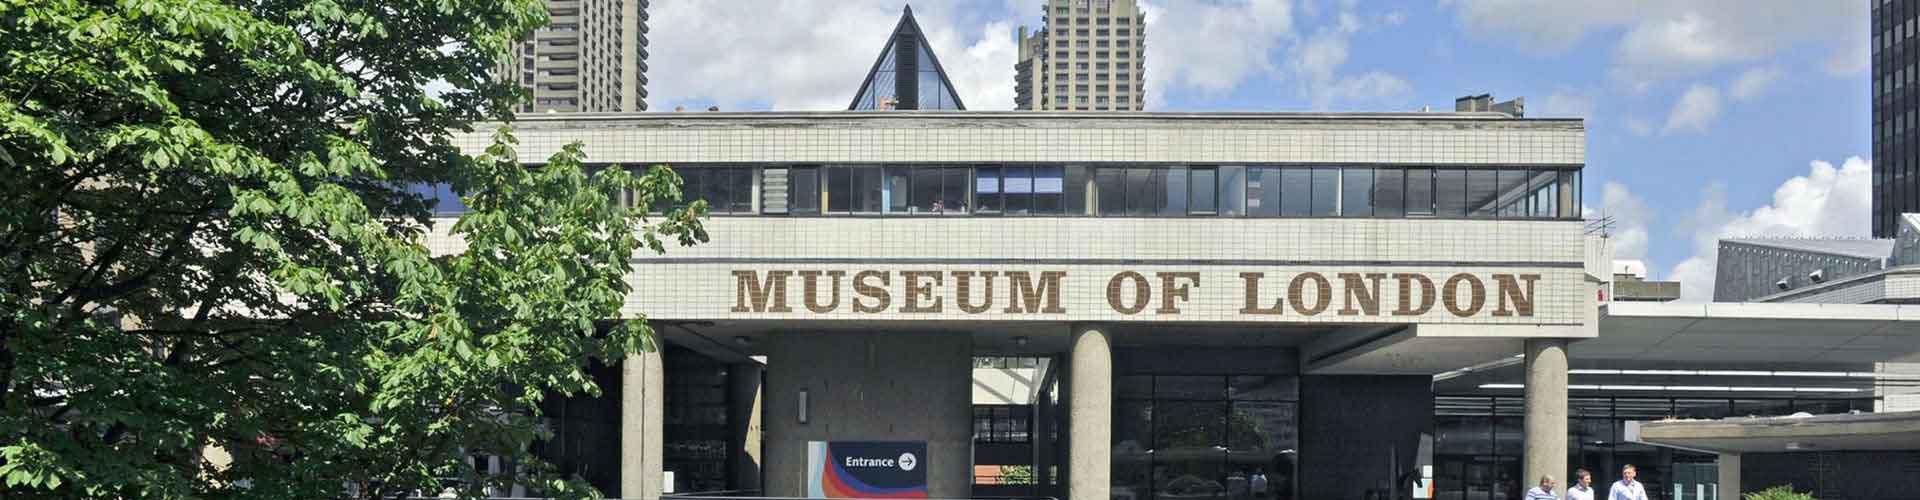 ロンドン – ロンドンの博物館の近くにあるホステル. 地図 ロンドン, すべてのホステルの写真とレビュー ロンドン.